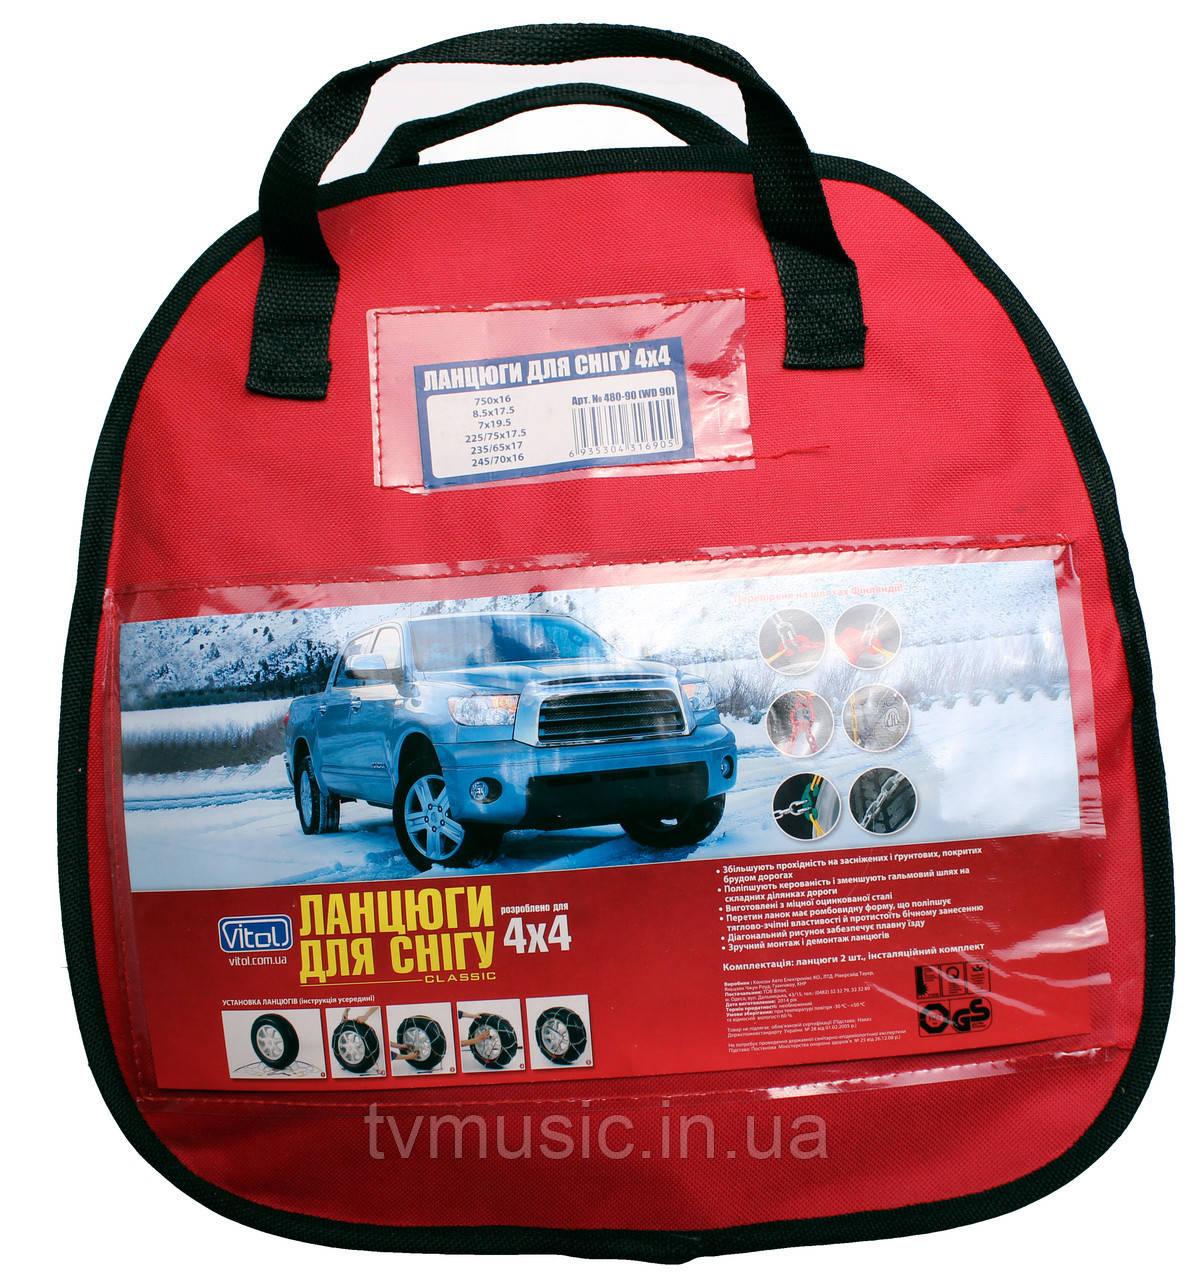 Цепи на колеса Vitol 4WD КВ400 (16 мм)